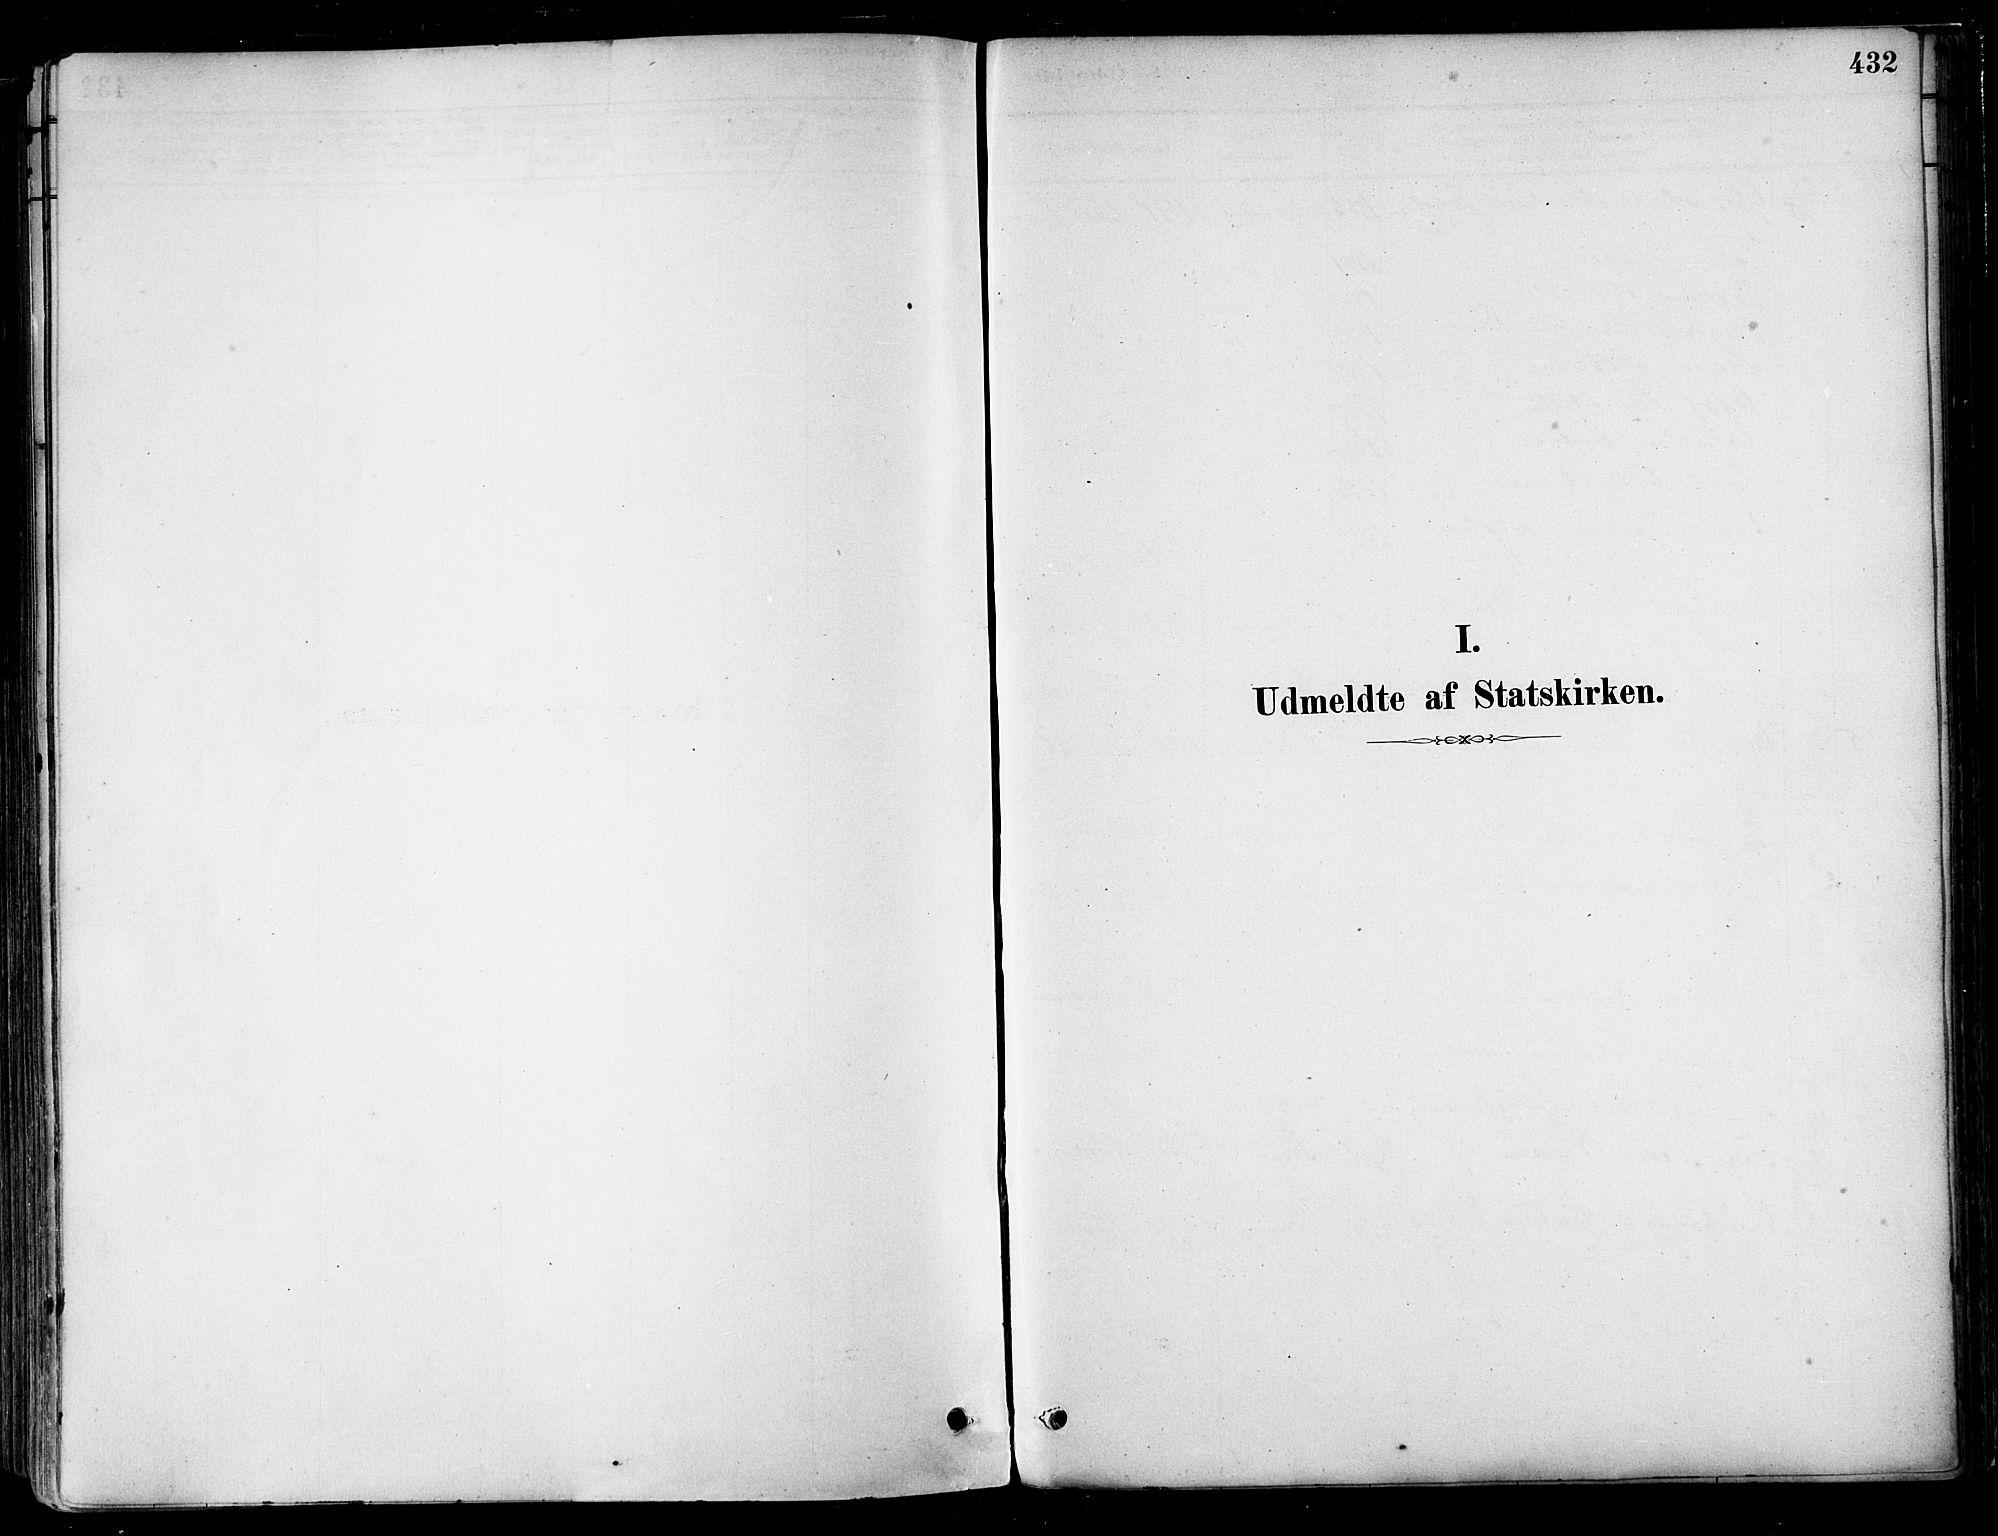 SAT, Ministerialprotokoller, klokkerbøker og fødselsregistre - Nordland, 802/L0054: Parish register (official) no. 802A01, 1879-1893, p. 432